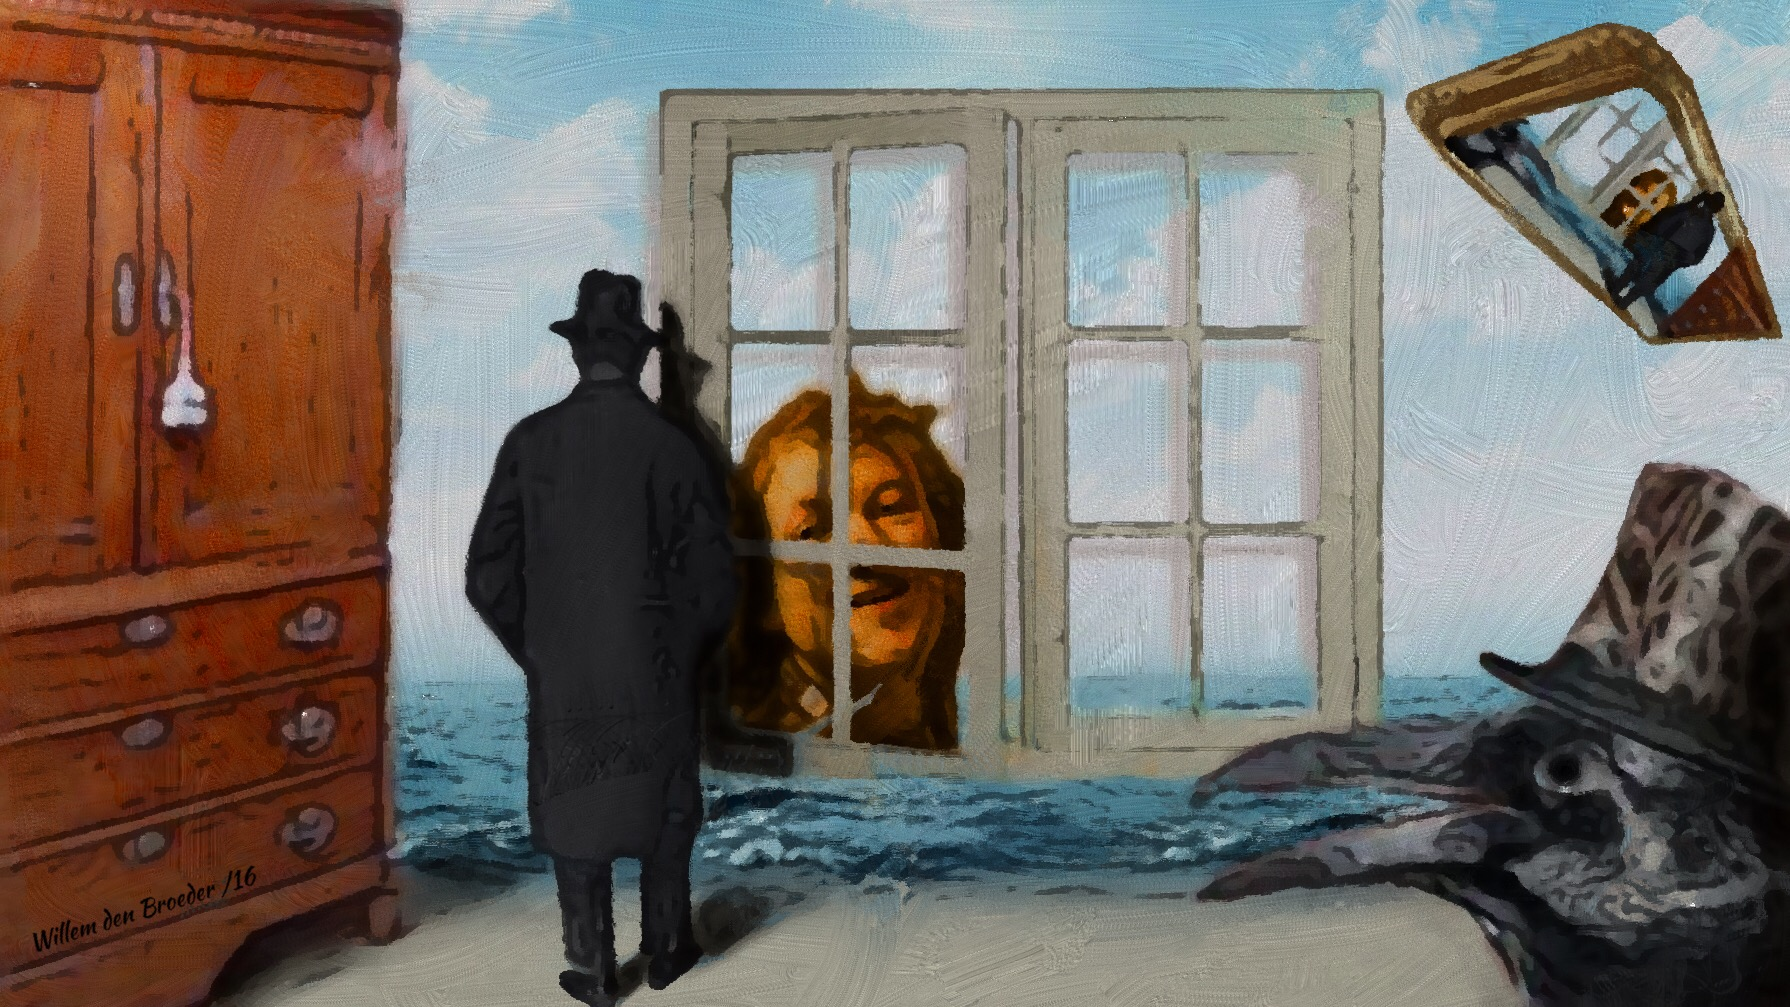 Aankoop le miroir vivant van ren magritte museum boijmans van beuningen surrealisme - Spiegel rivoli huis van de wereld ...